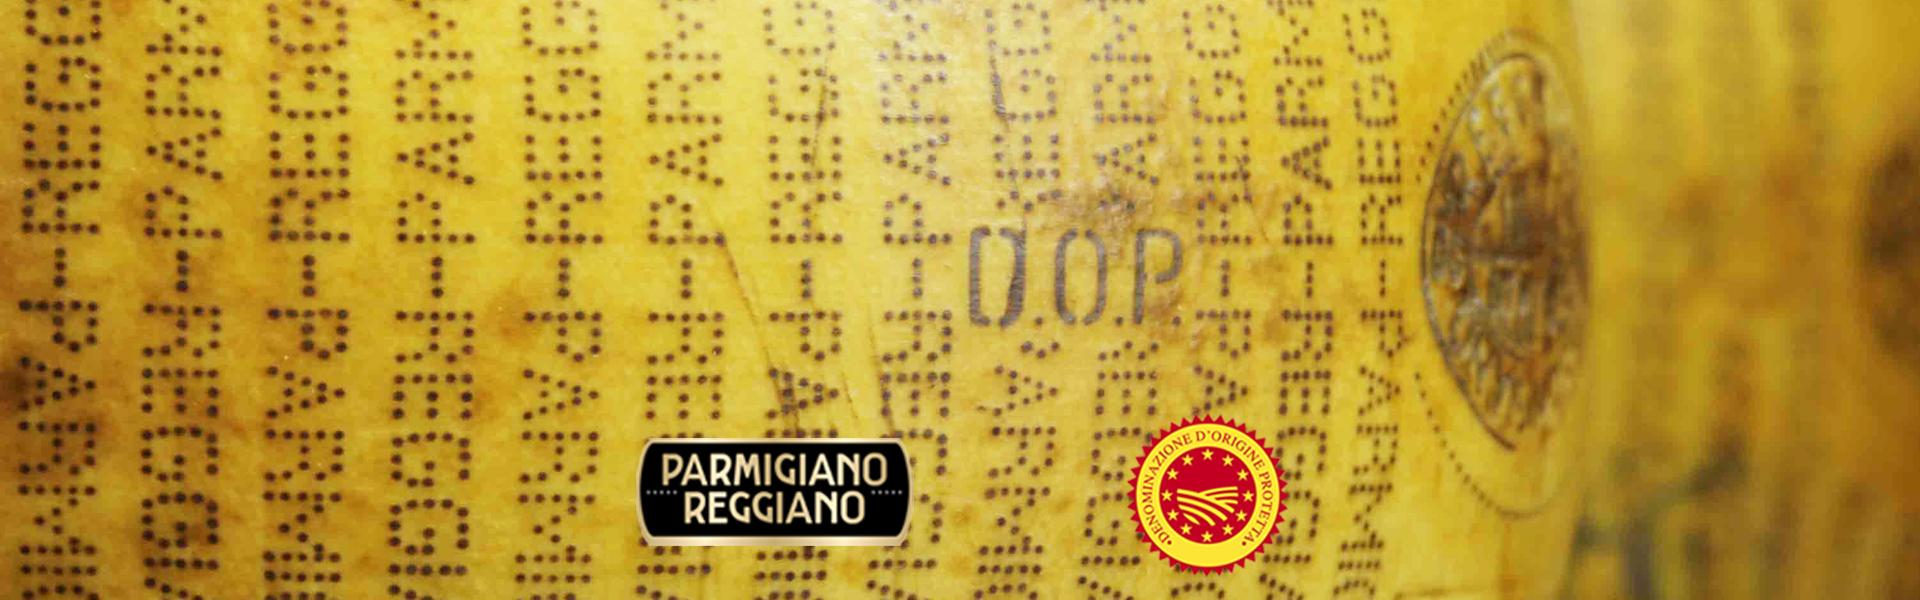 Consorzio di Tutela del Parmigiano Reggiano